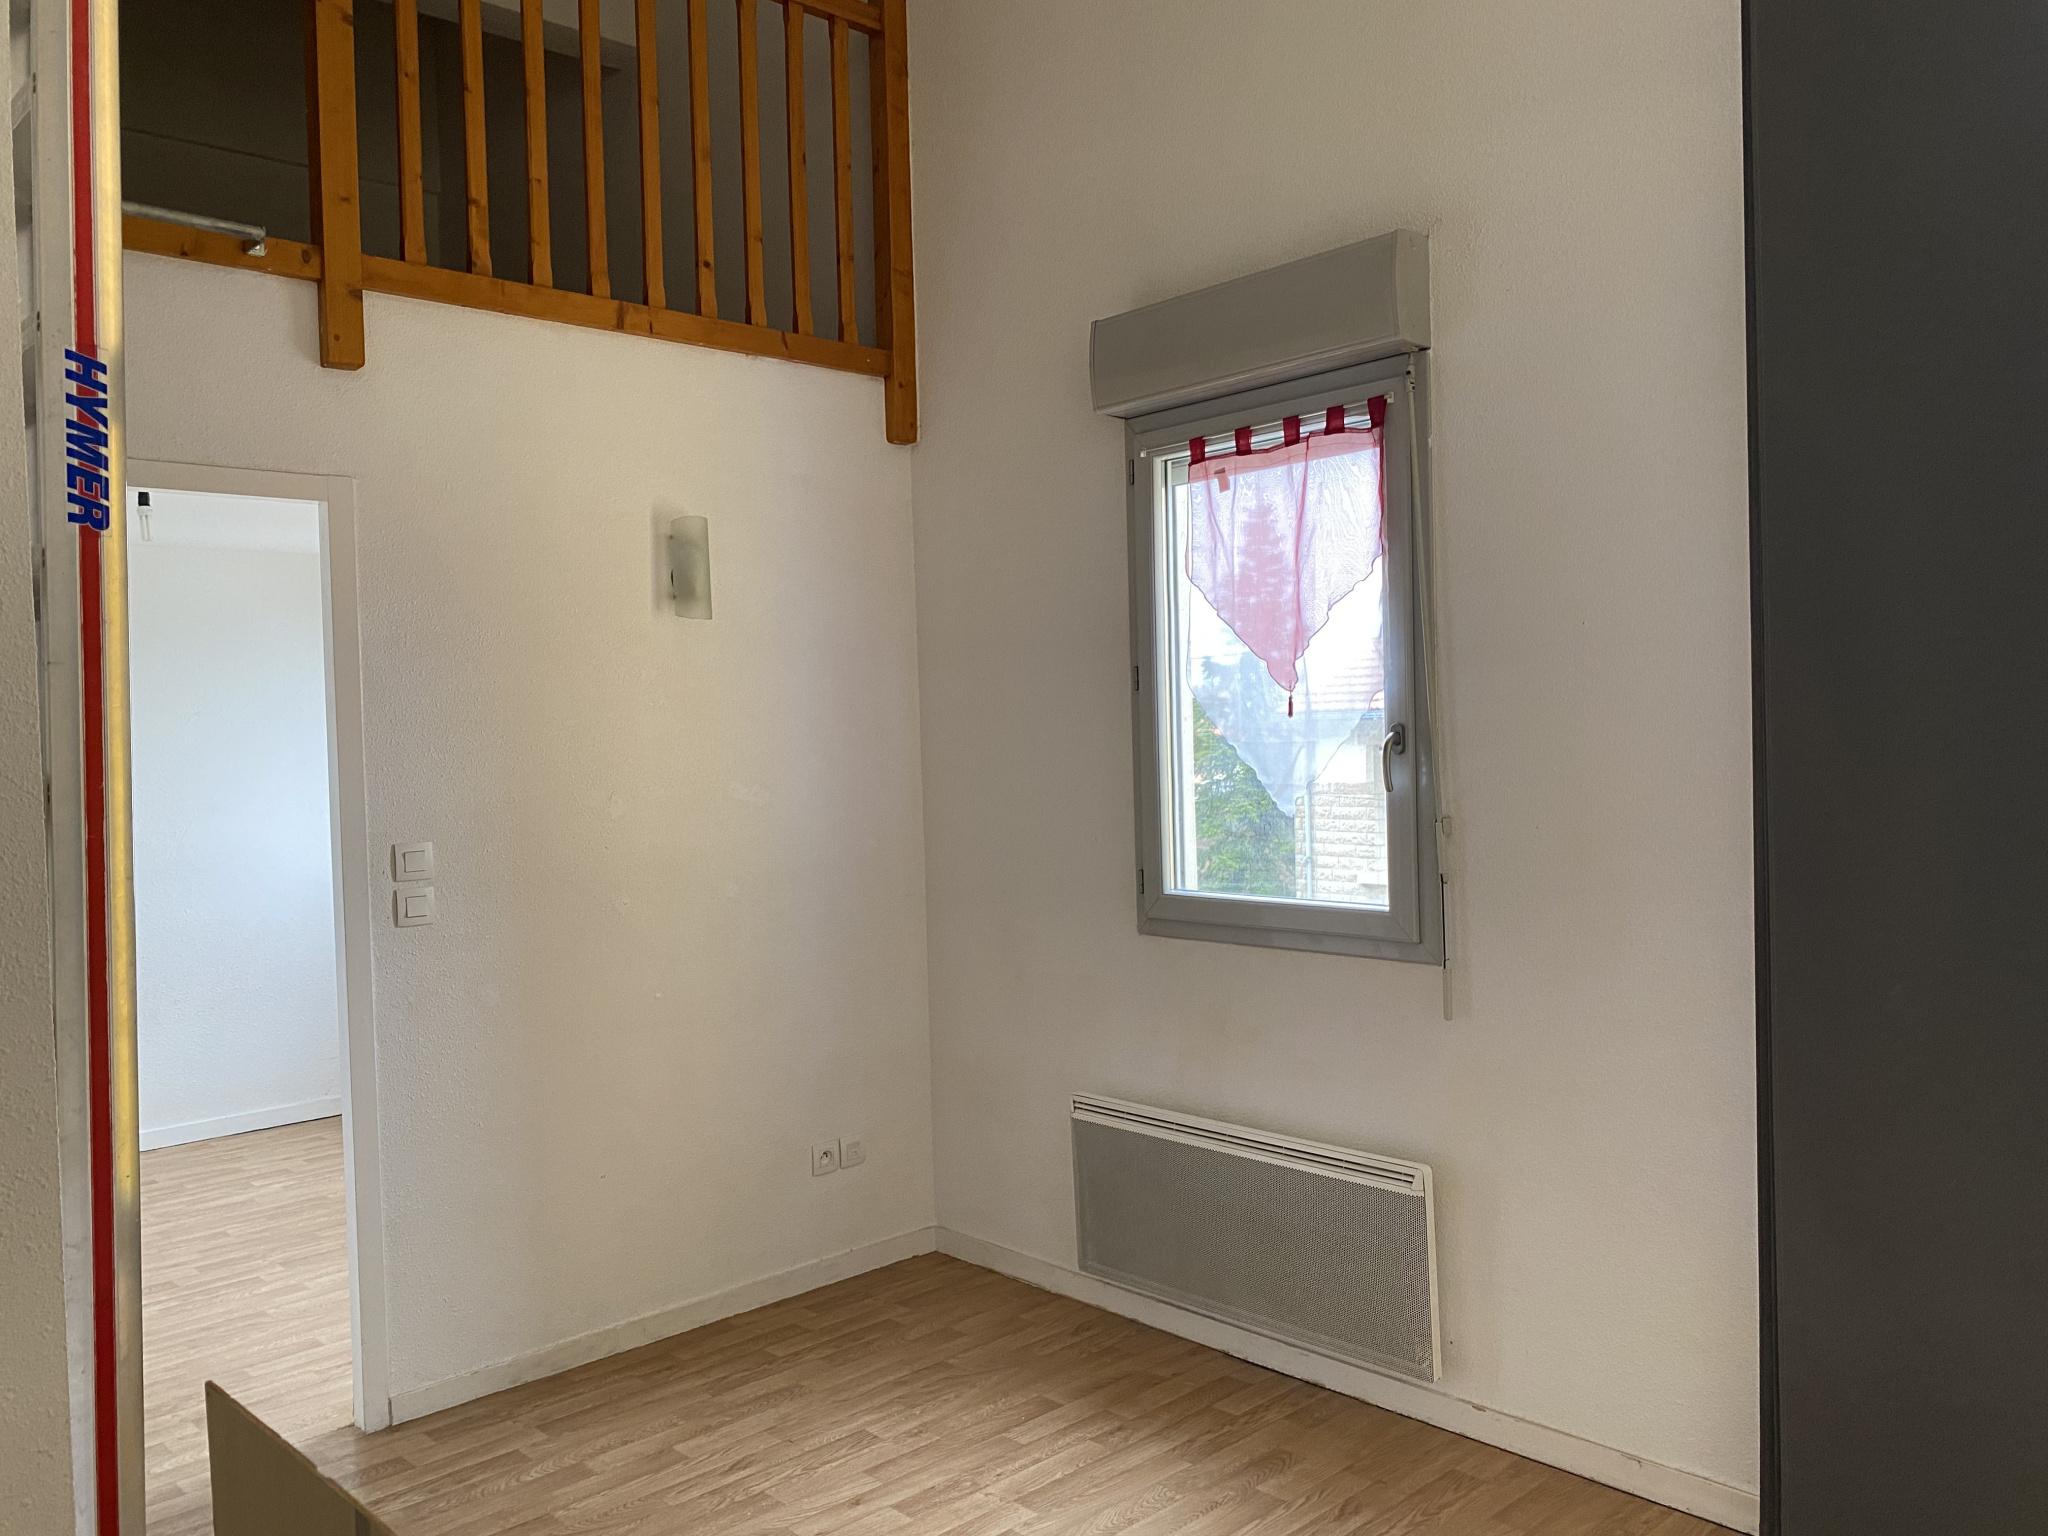 appartement la rochelle LA ROCHELLE CENTRE - APPARTEMNT T2 BIS AVEC STATIONNEMENT